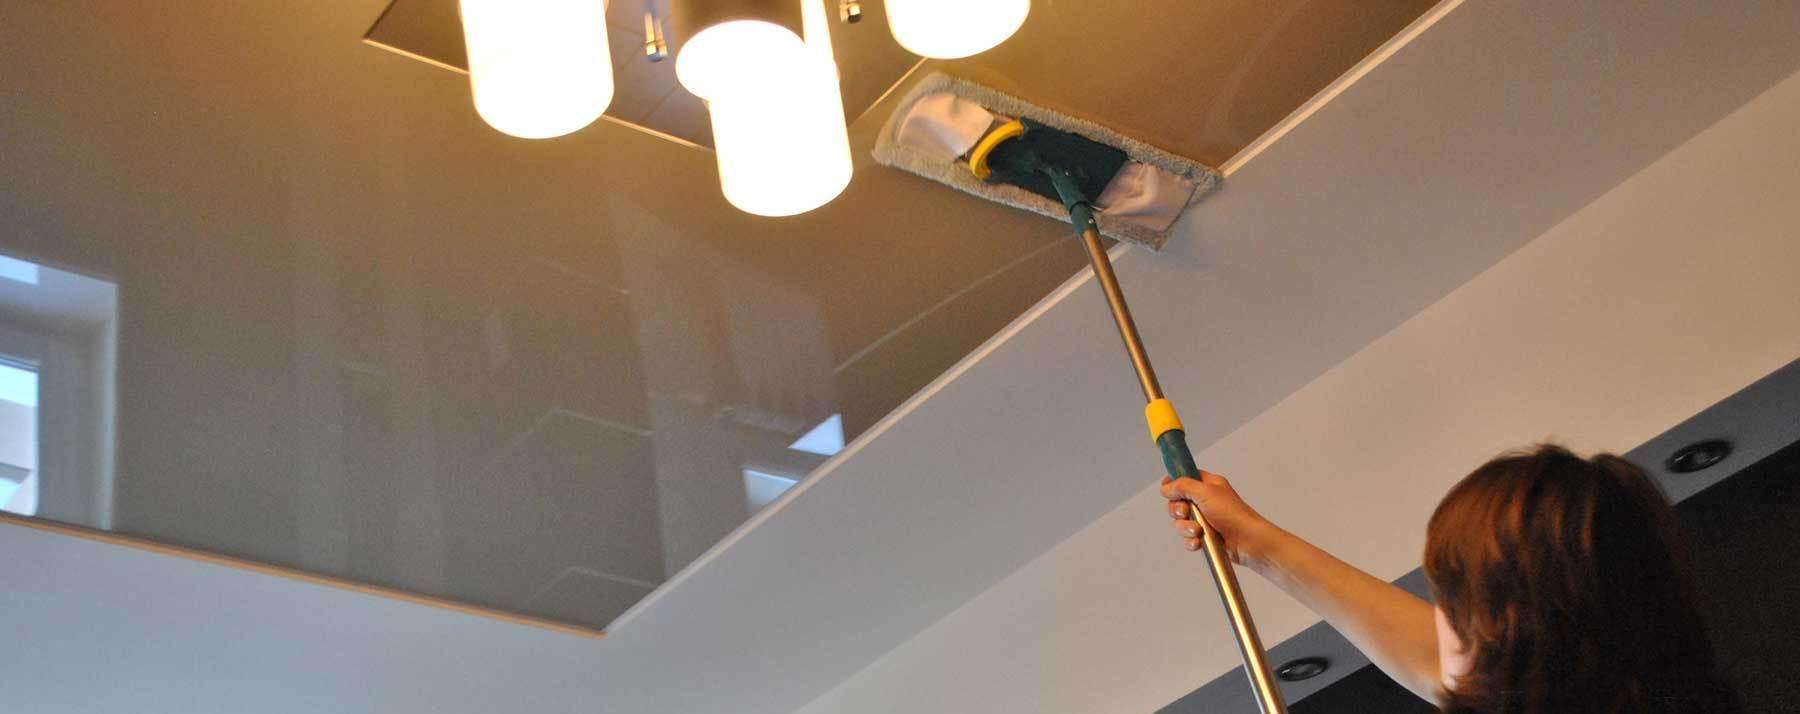 Чем помыть натяжной потолок матовый